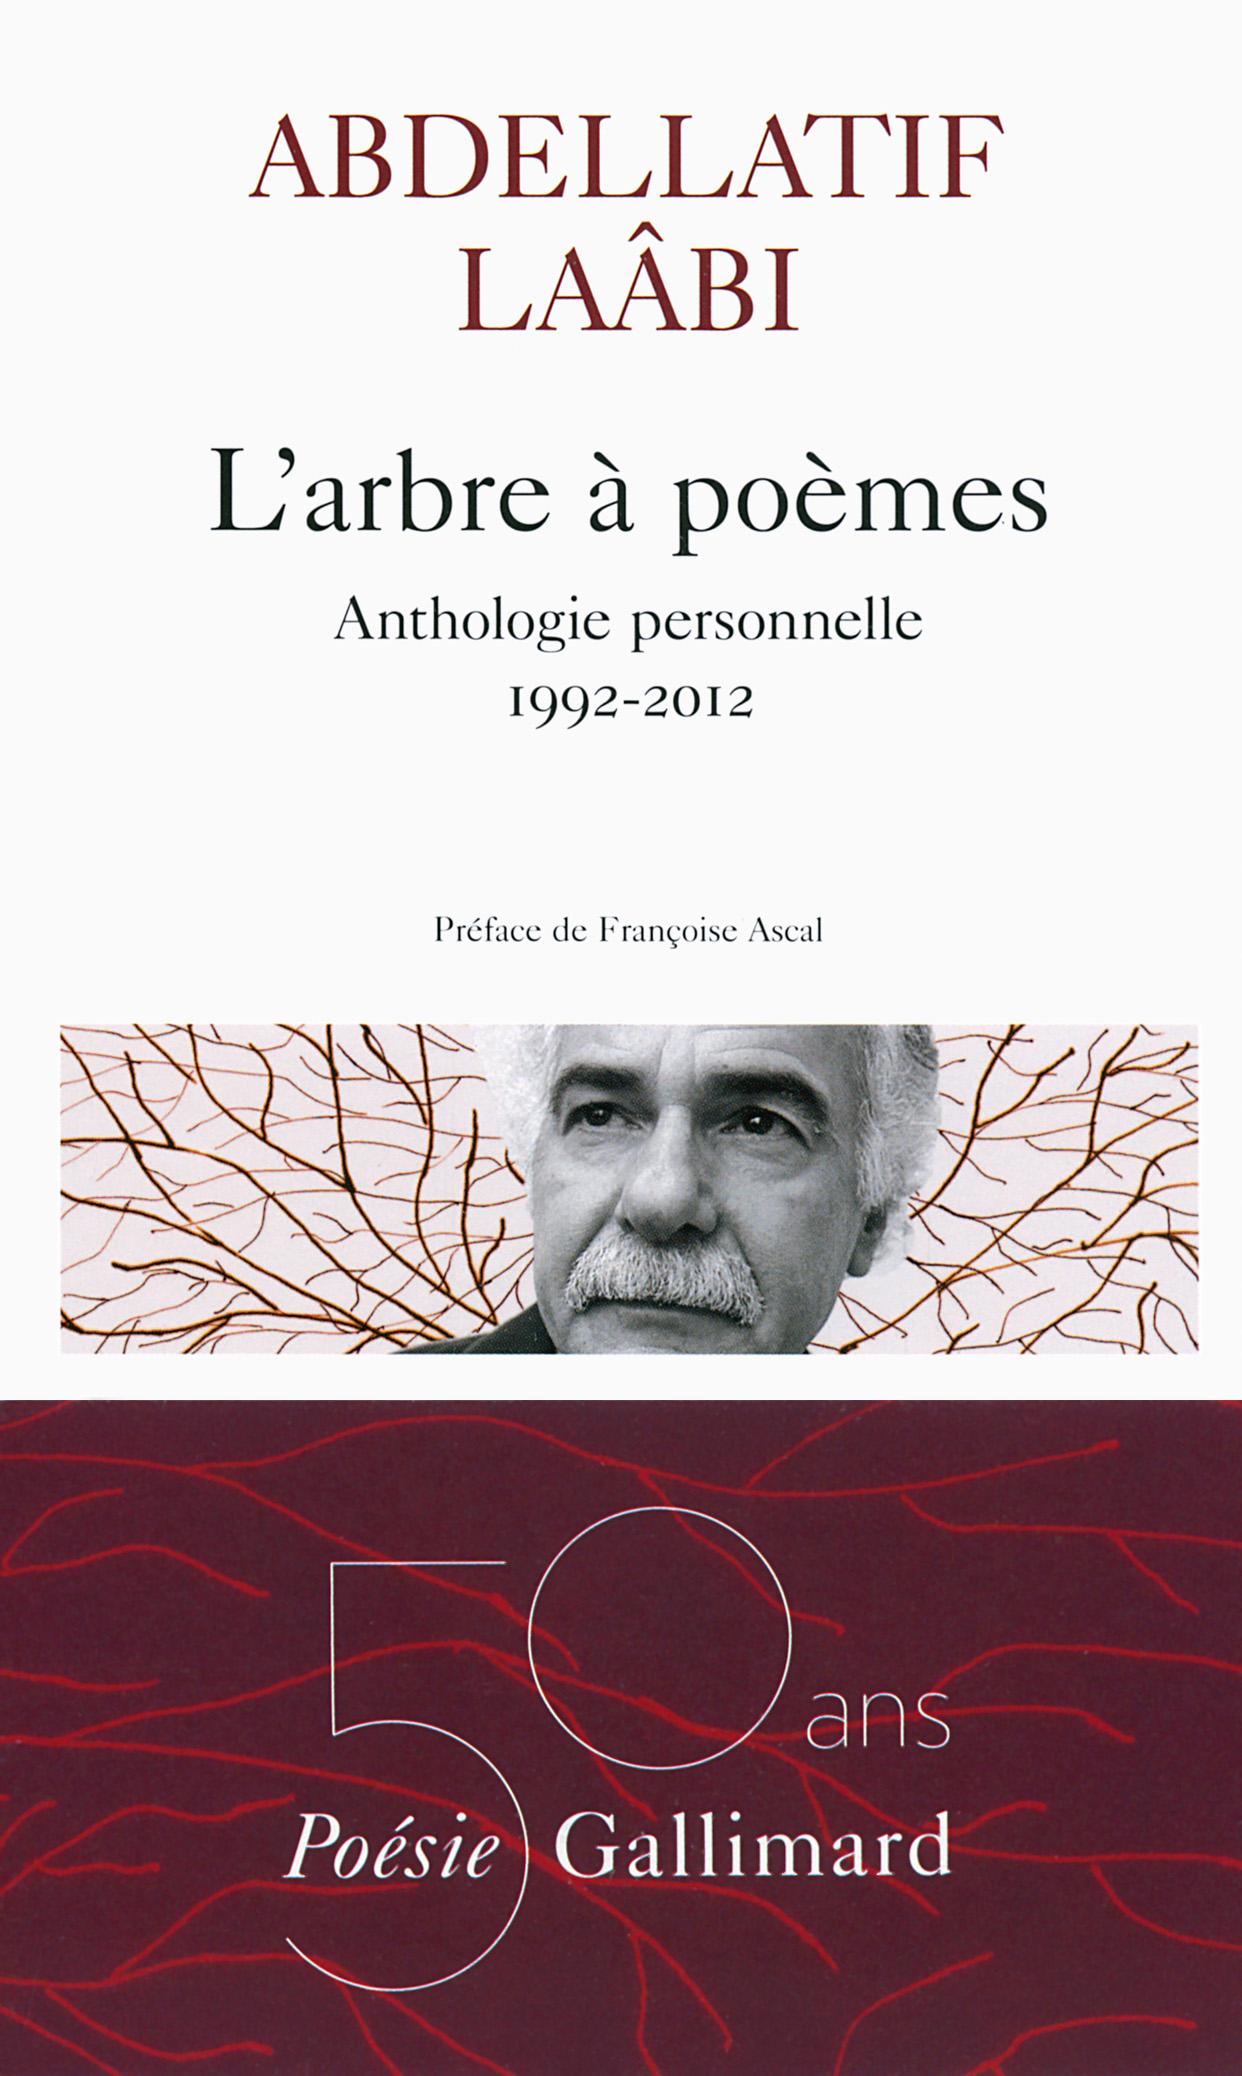 L'arbre à poèmes. Anthologie personnelle 1992-2012